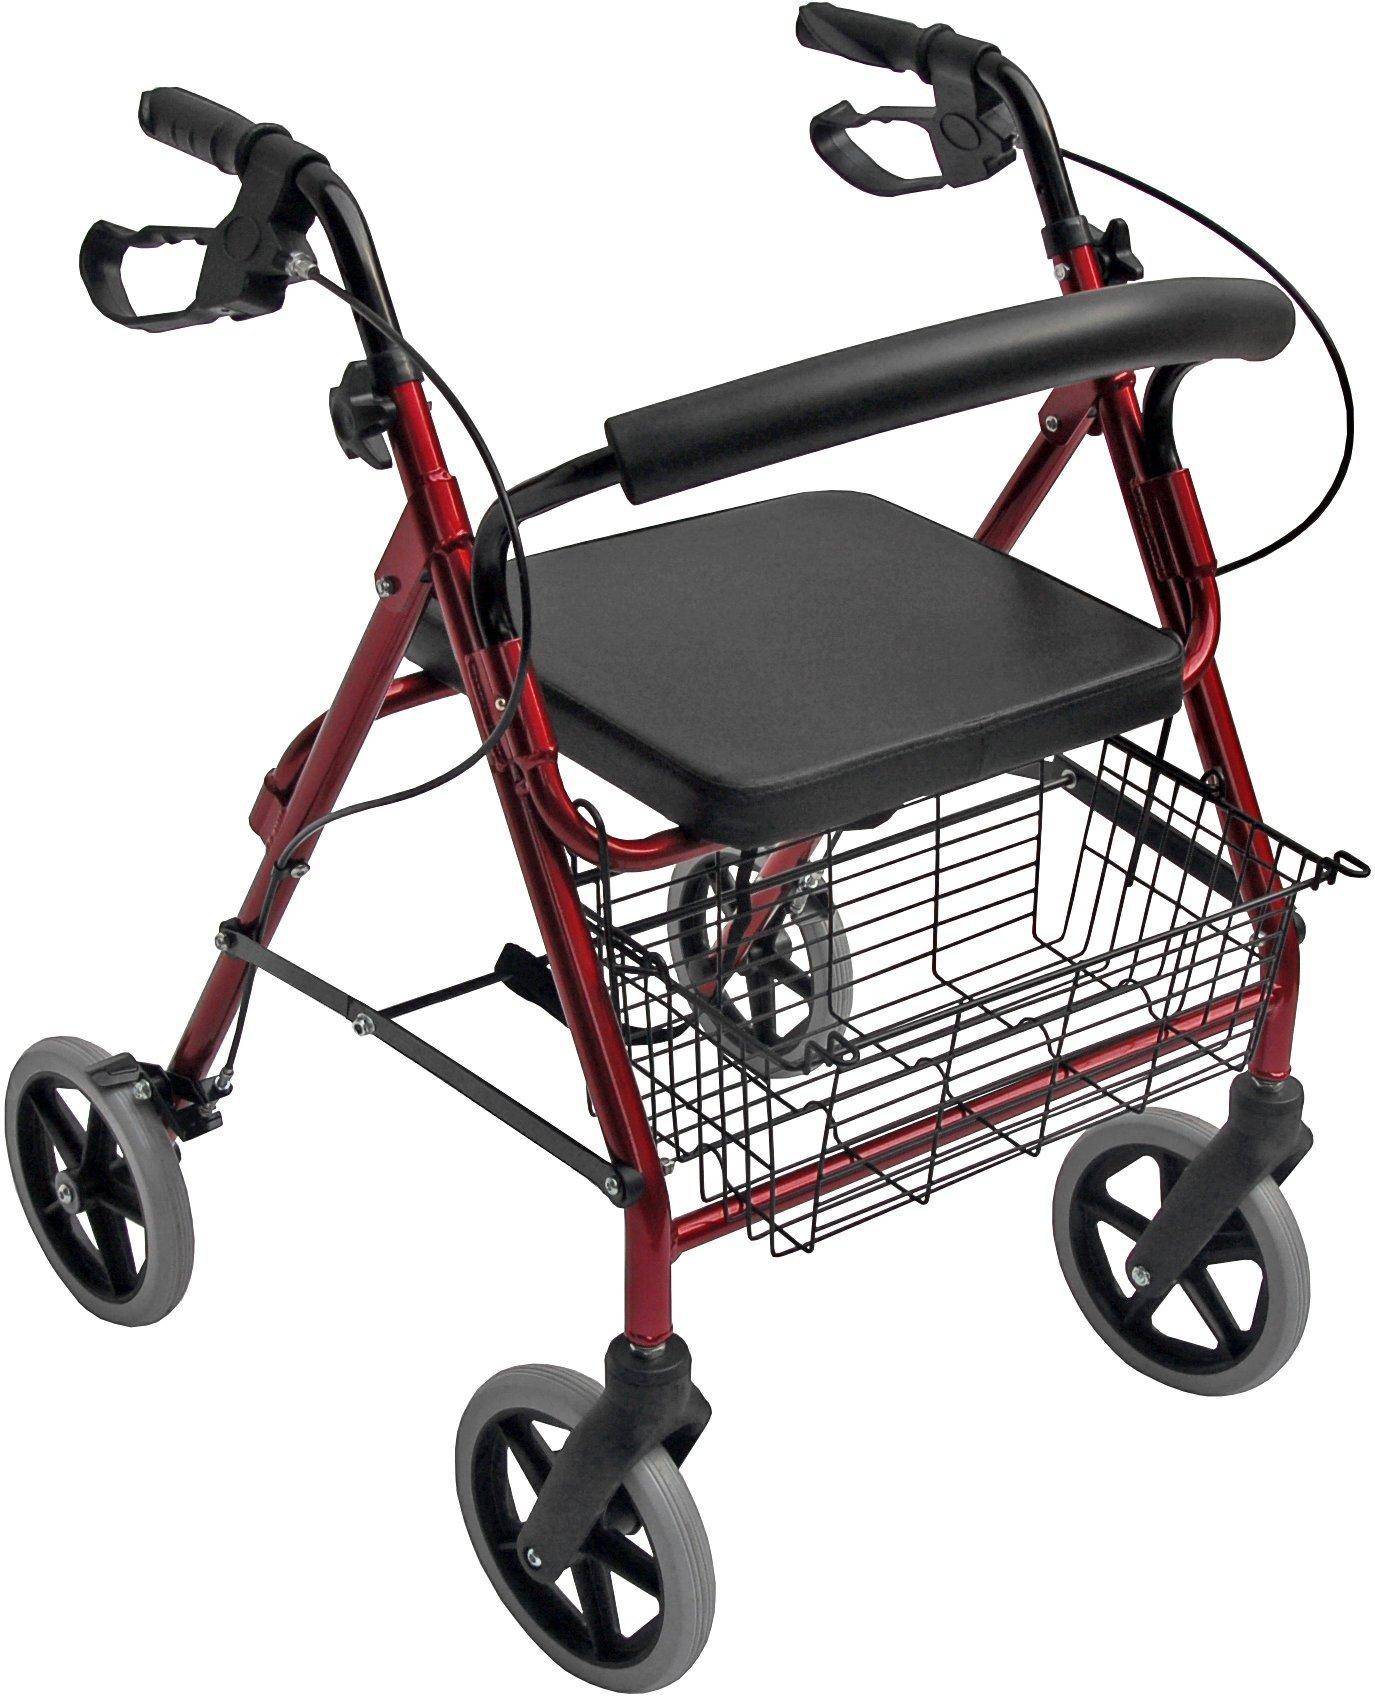 Accela 4 Wheeled EZ Turn Rollator